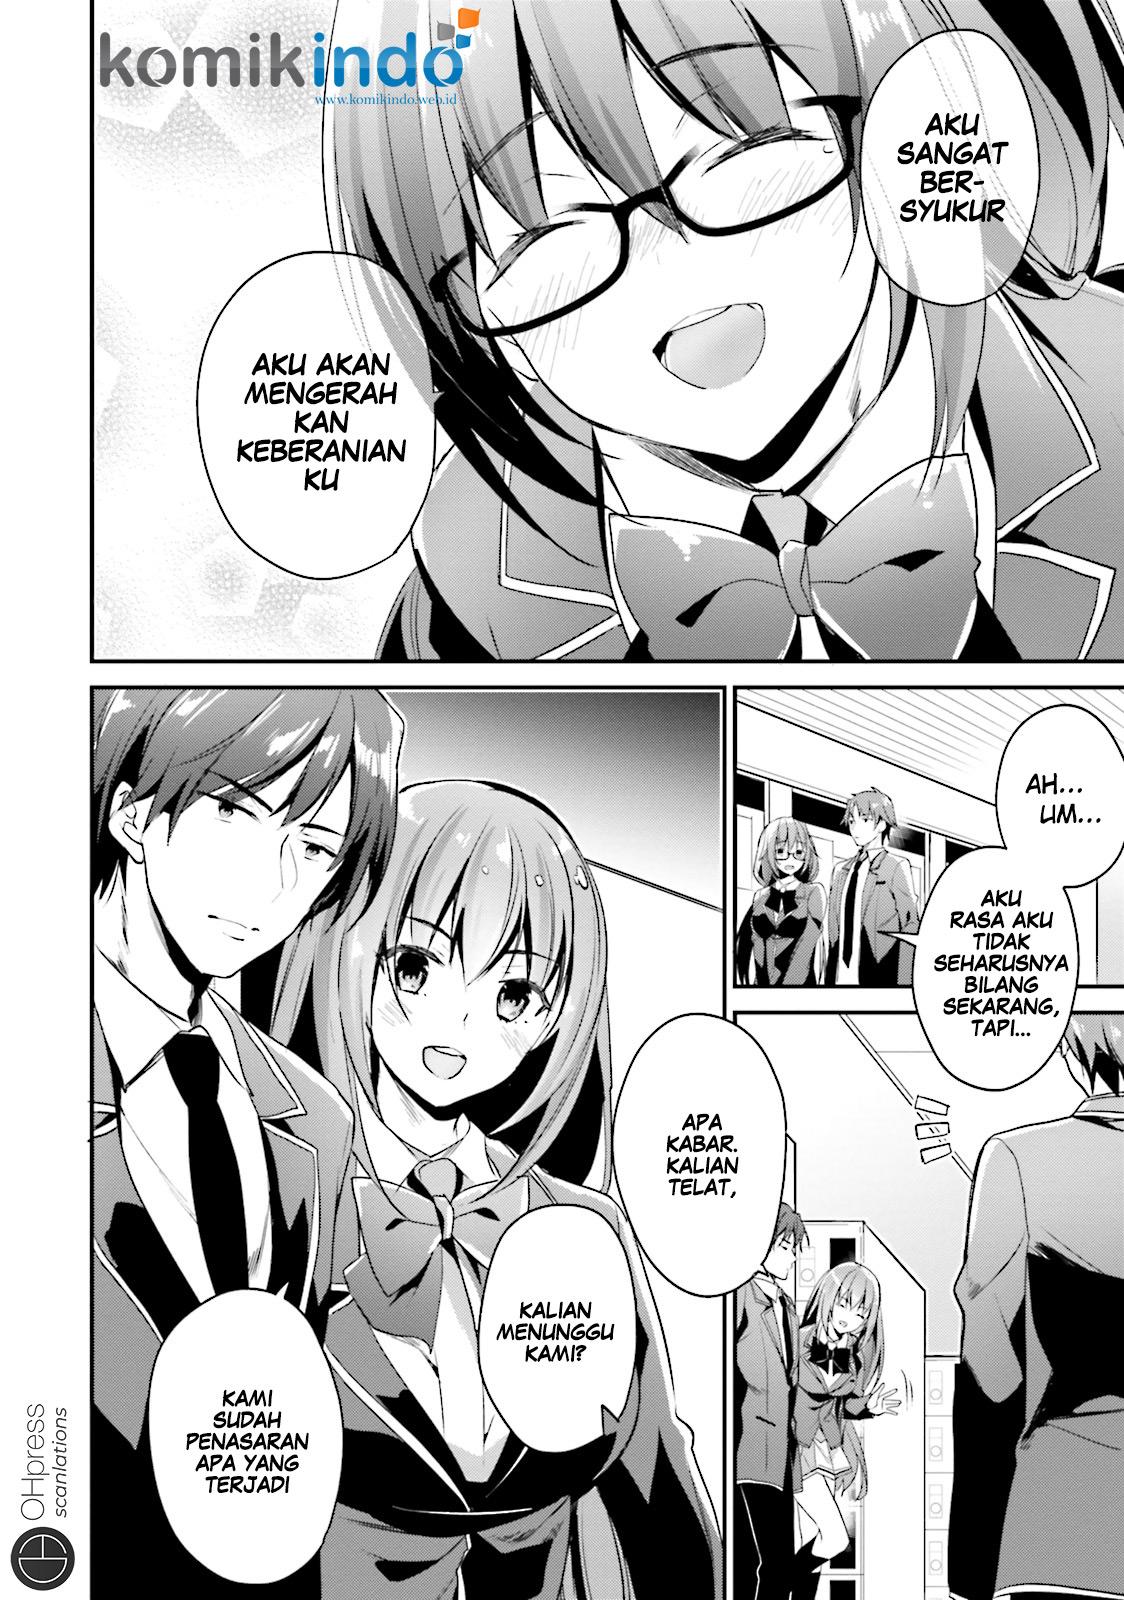 Baca Komik Youkoso Jitsuryoku Shijou Shugi no Kyoushitsu e Chapter 13 Bahasa Indonesia Page 32